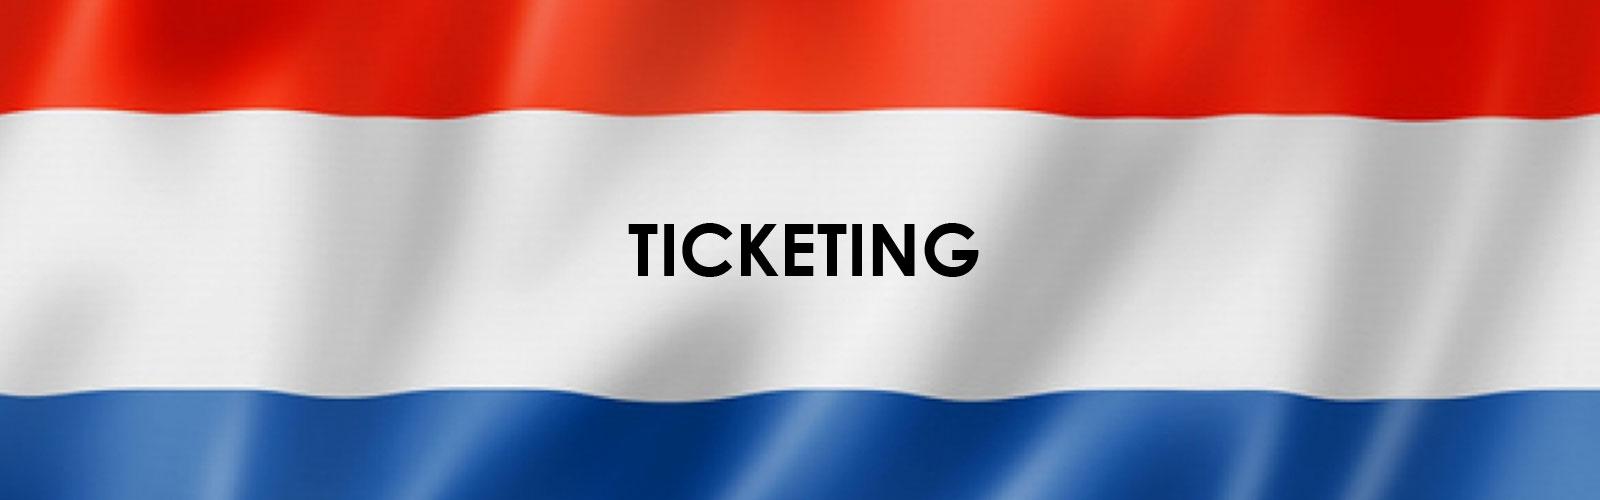 pays-bas-ticketing